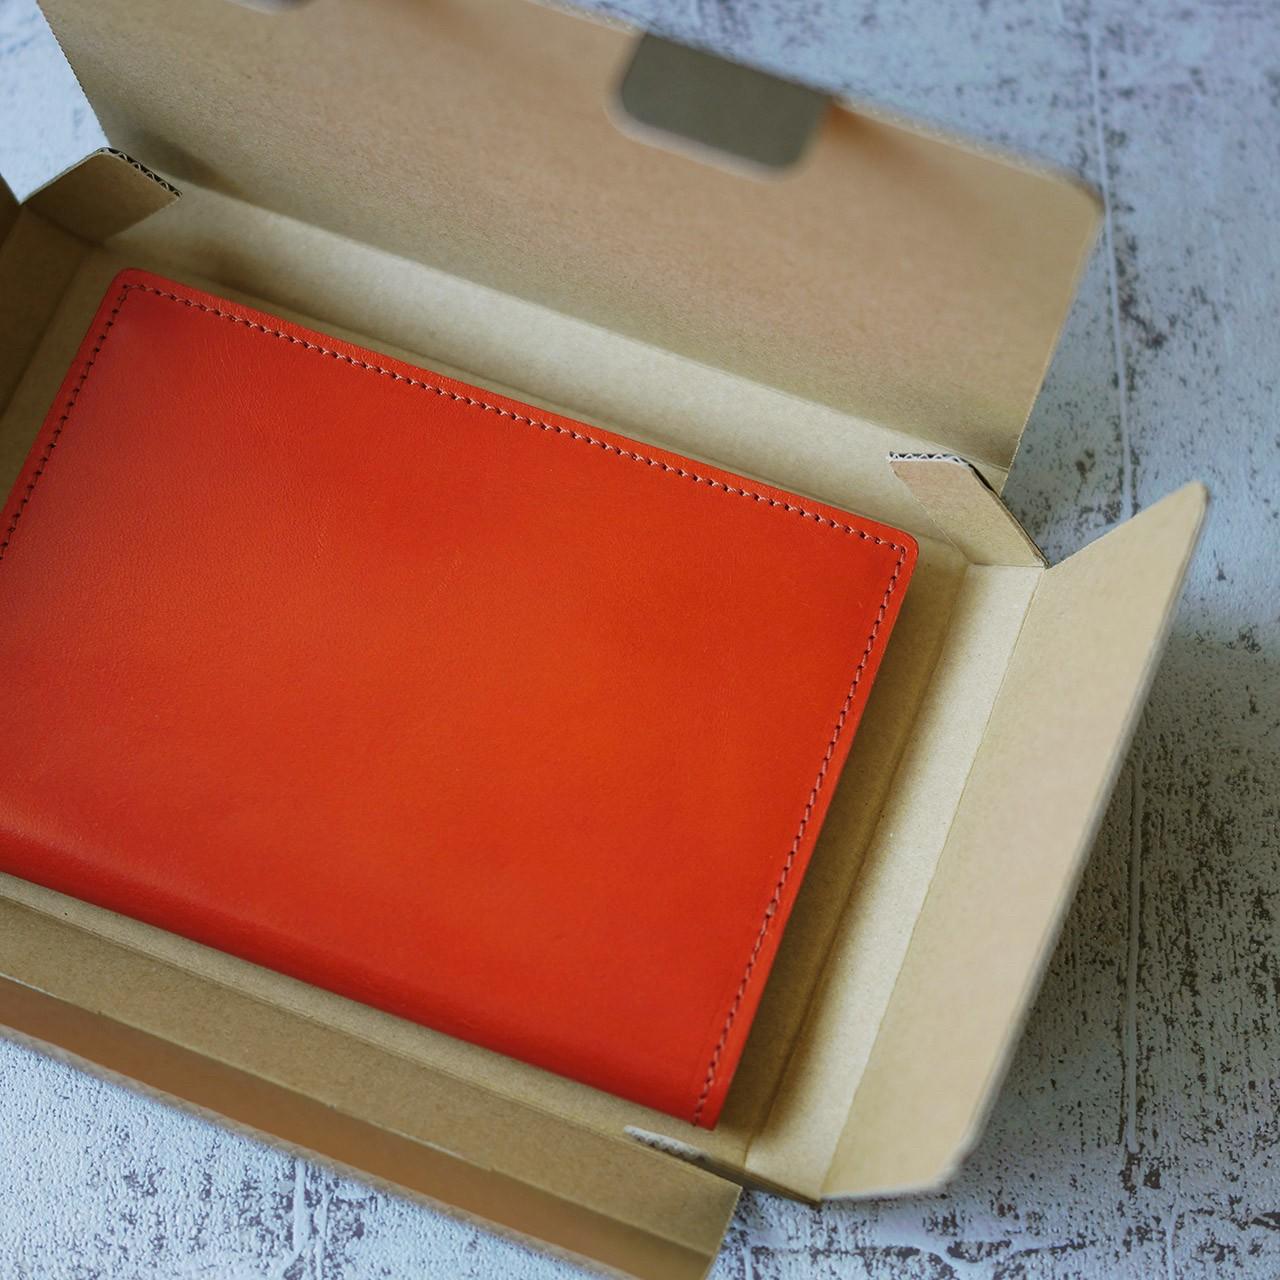 革小物のオレンジカラーは8月再販の予定です。